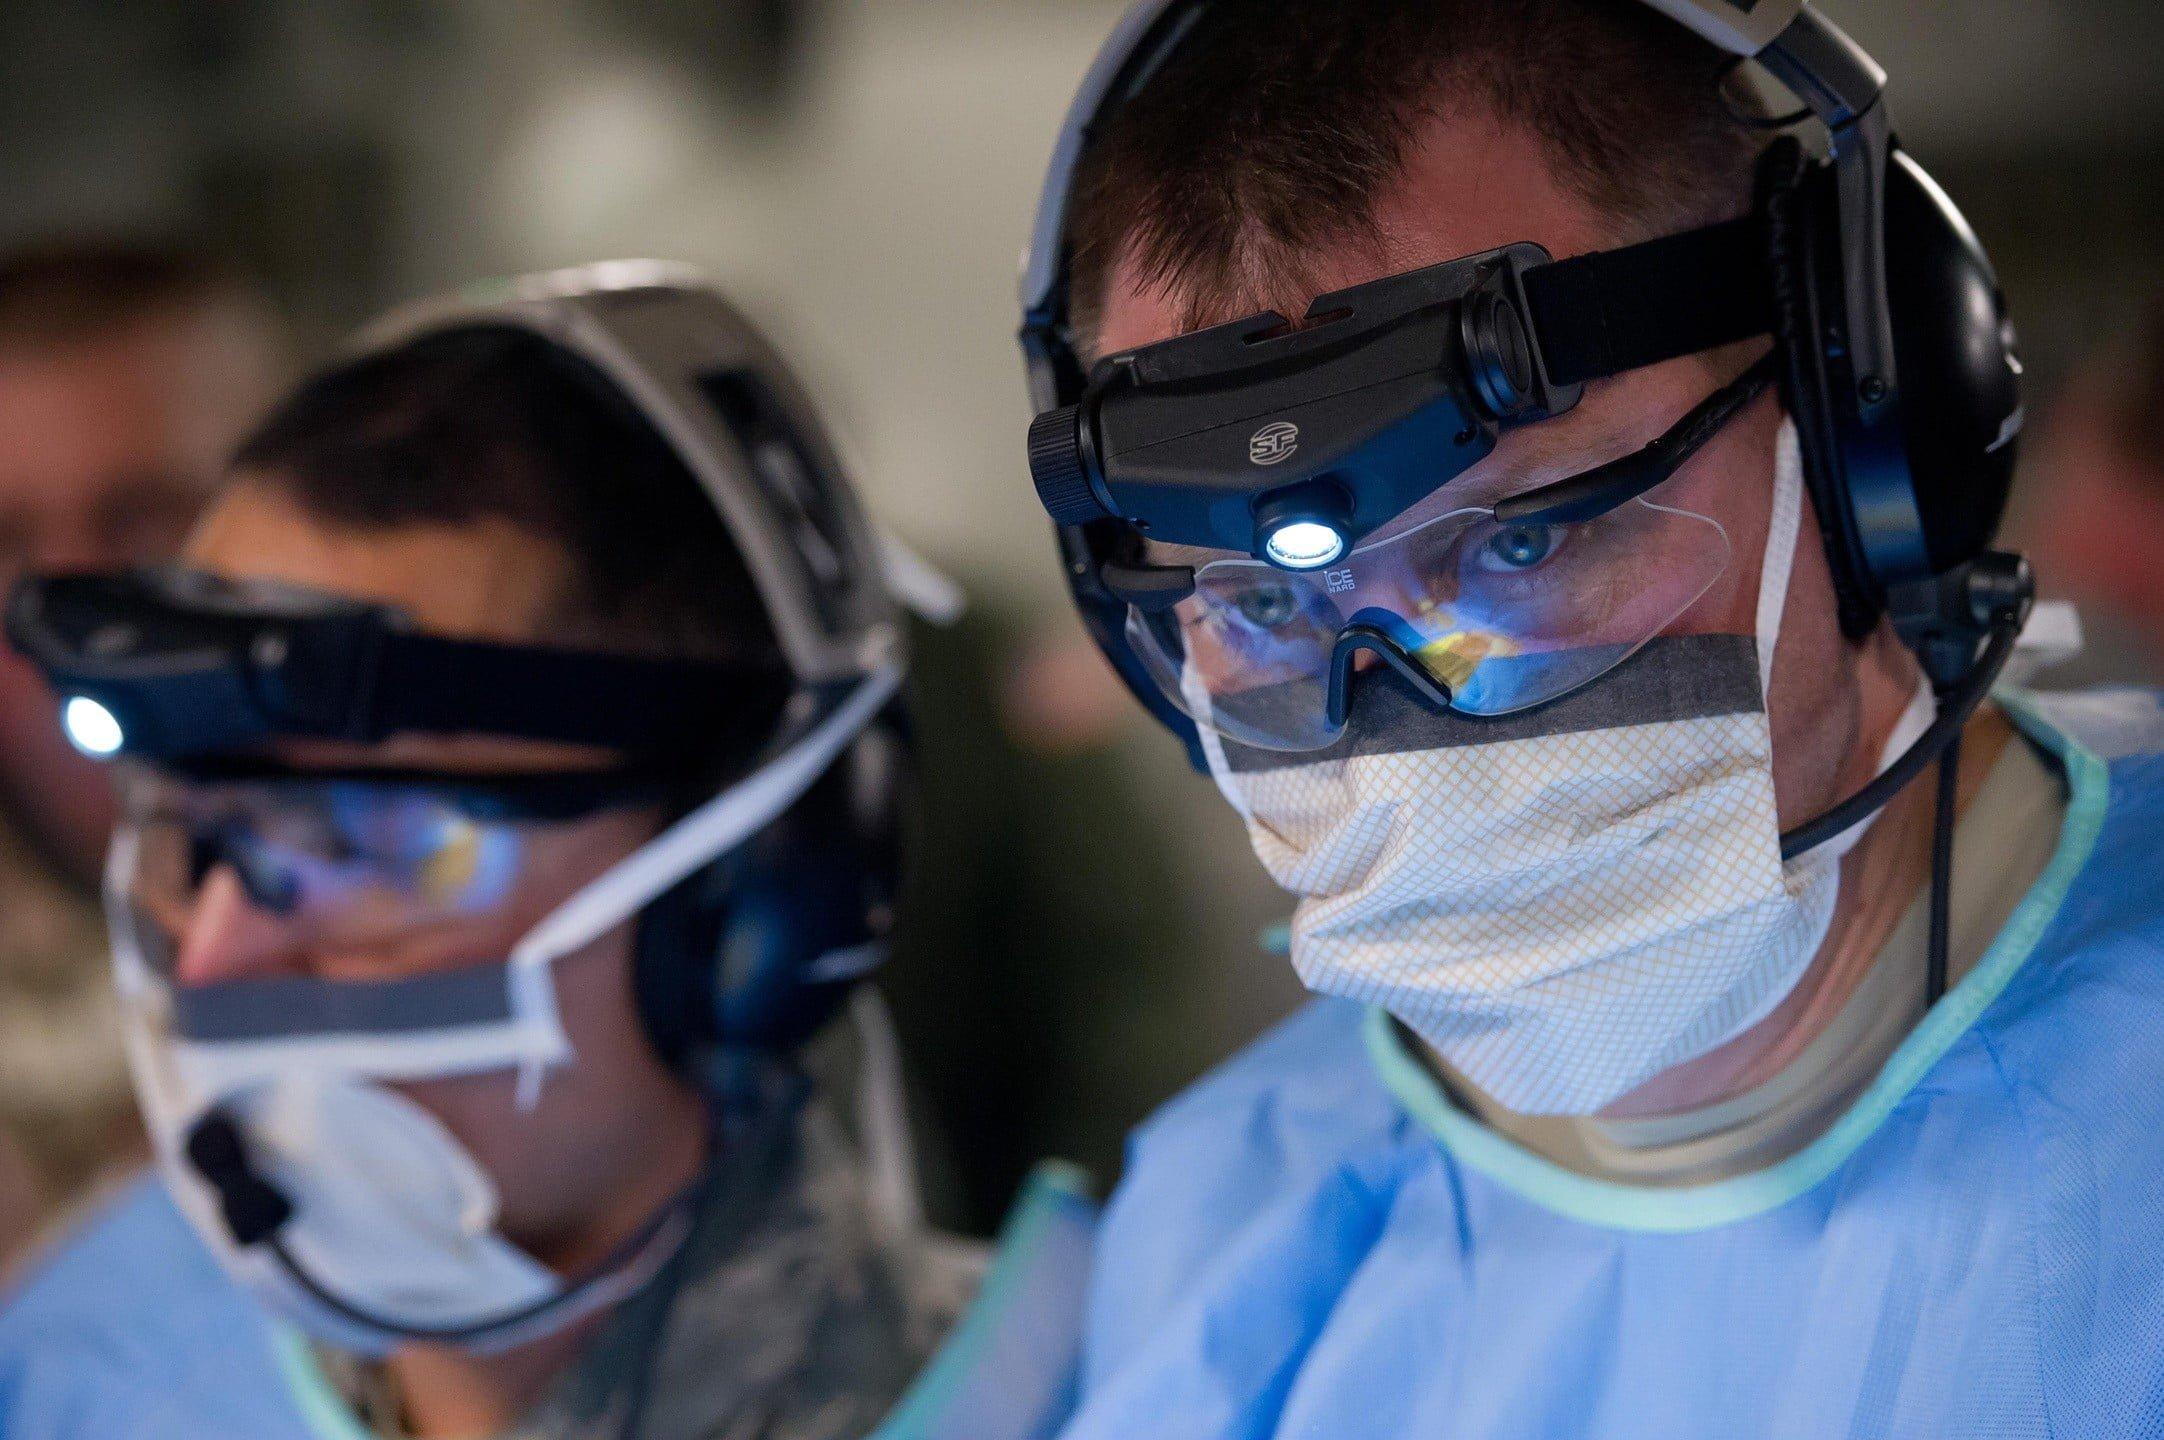 lekarz, badanie, wirus, medycyna, maska